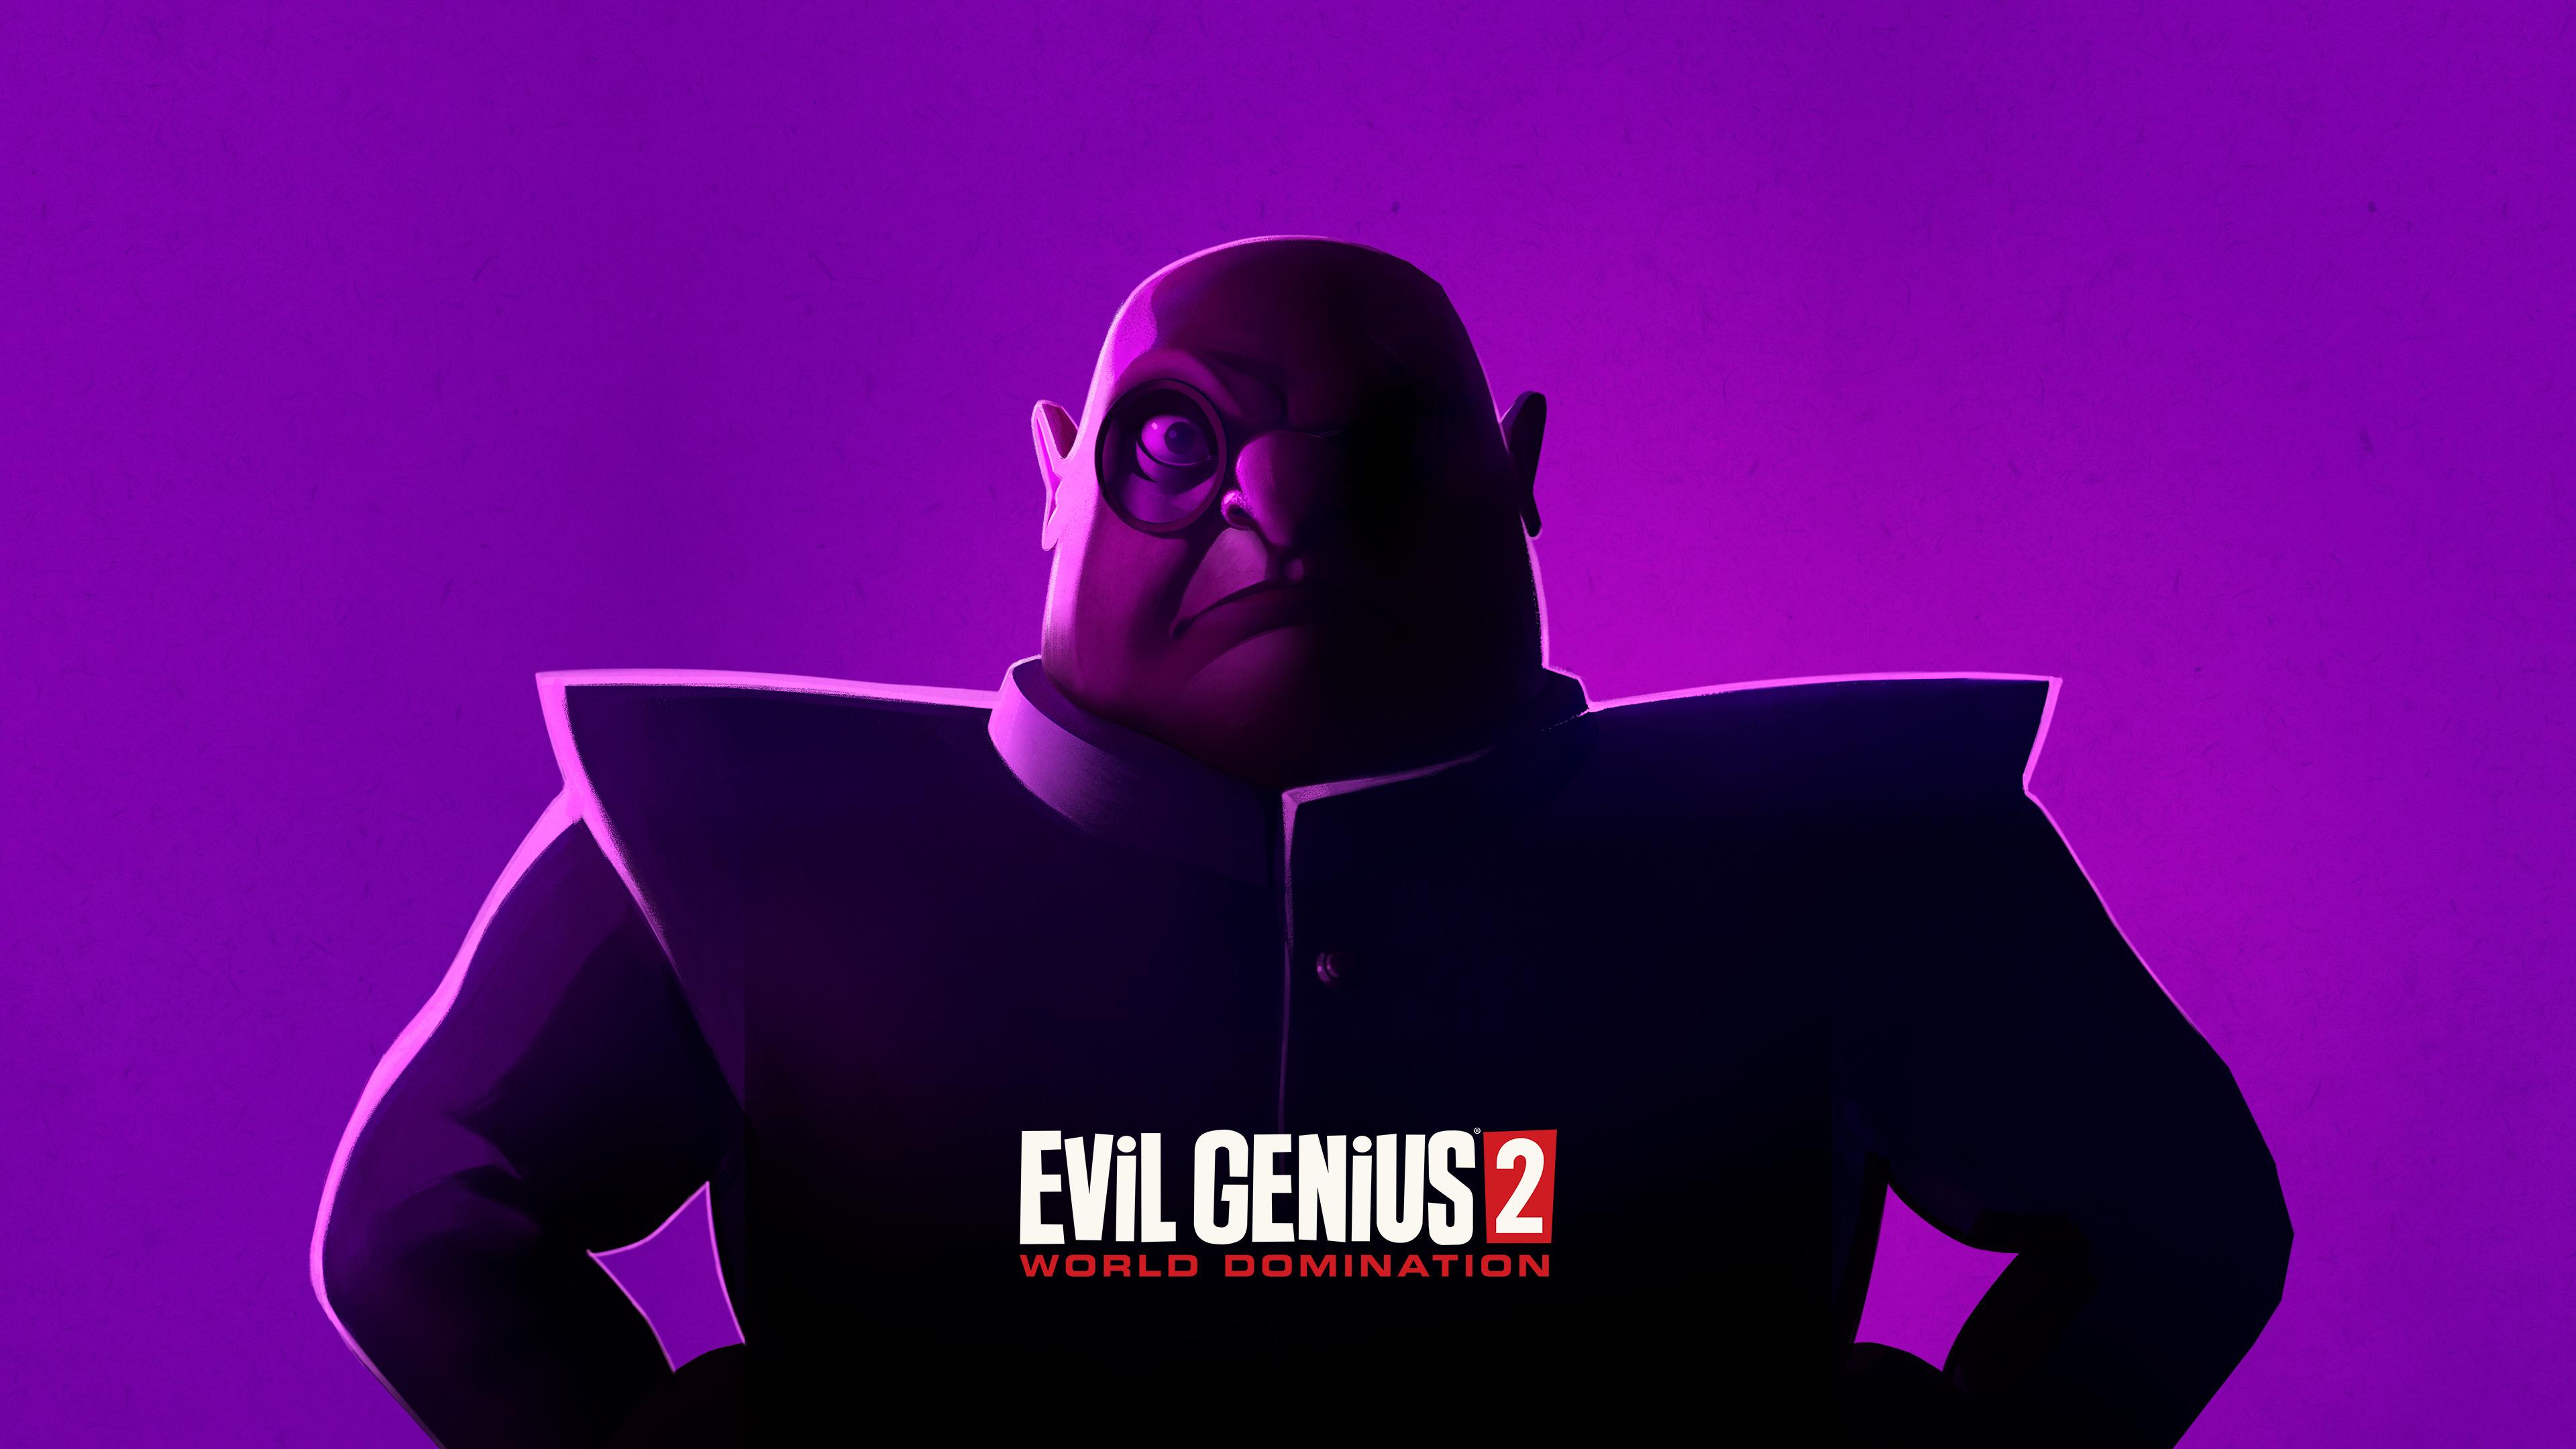 evil genius 2 2020 1562106671 - Evil Genius 2 2020 - hd-wallpapers, games wallpapers, evil genius 2 wallpapers, 4k-wallpapers, 2020 games wallpapers